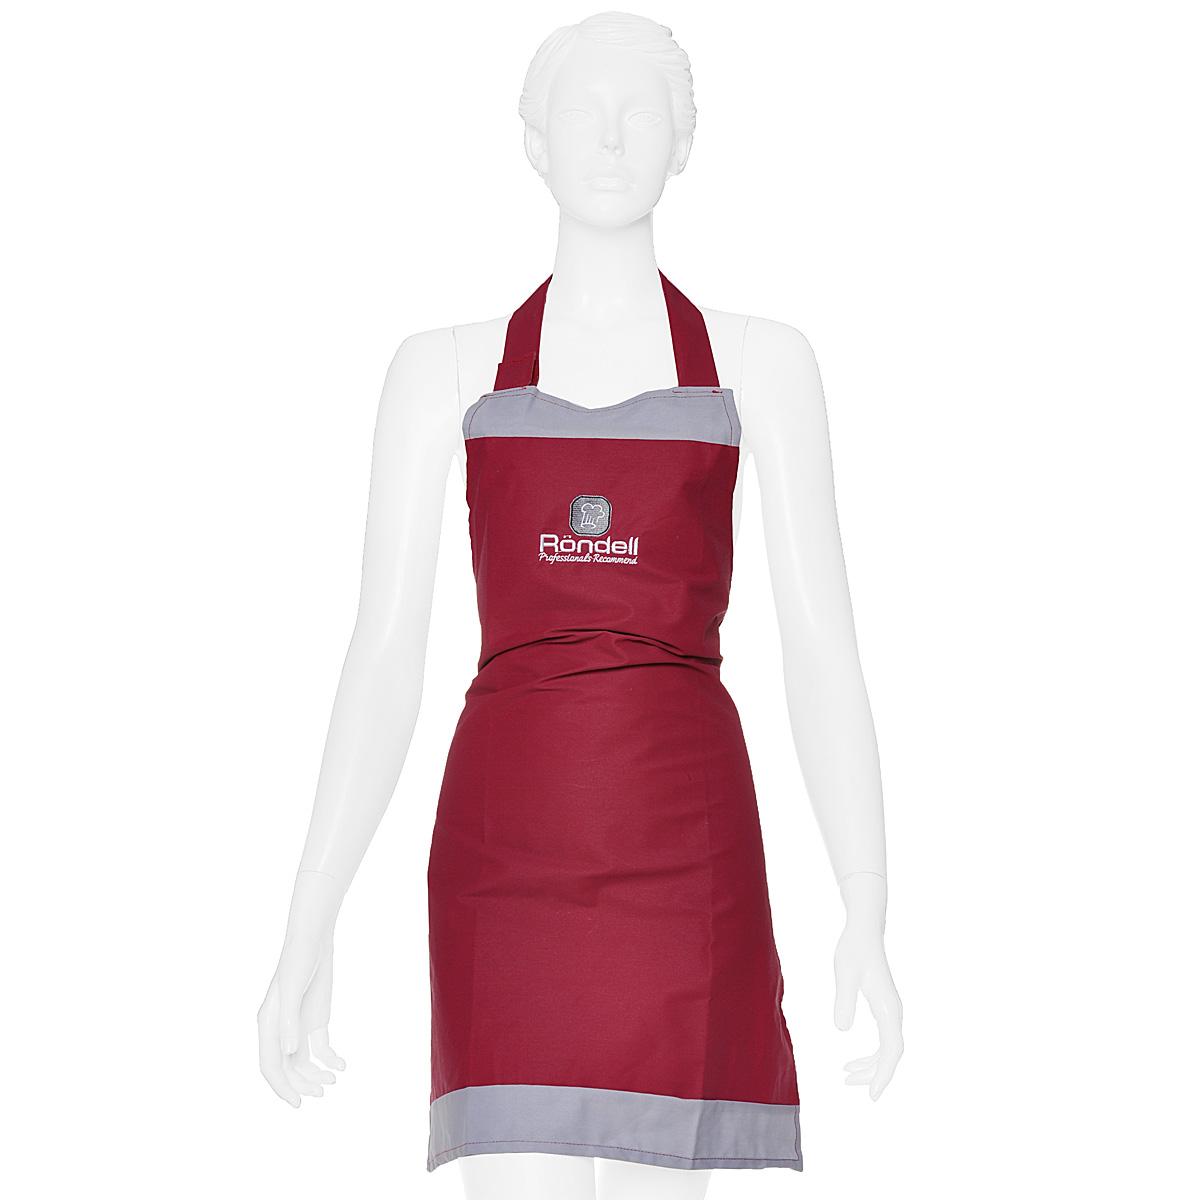 Фартук кухонный Rondell, цвет: бордовый, 56 х 76 смRDP-802Кухонный фартук Rondell выполнен из натурального хлопка бордового цвета. Ткань имеет защитное покрытие, обеспечивающее защиту от воды и жира. Фартук поможет вам избежать попадания еды на вашу одежду во время приготовления какого-либо блюда. На нем имеются удобная лямка-хомут и завязки. Длина хомута регулируется при помощи липучек. Характеристики:Материал: 100% хлопок. Размер фартука: 56 см х 76 см. Цвет: бордовый.